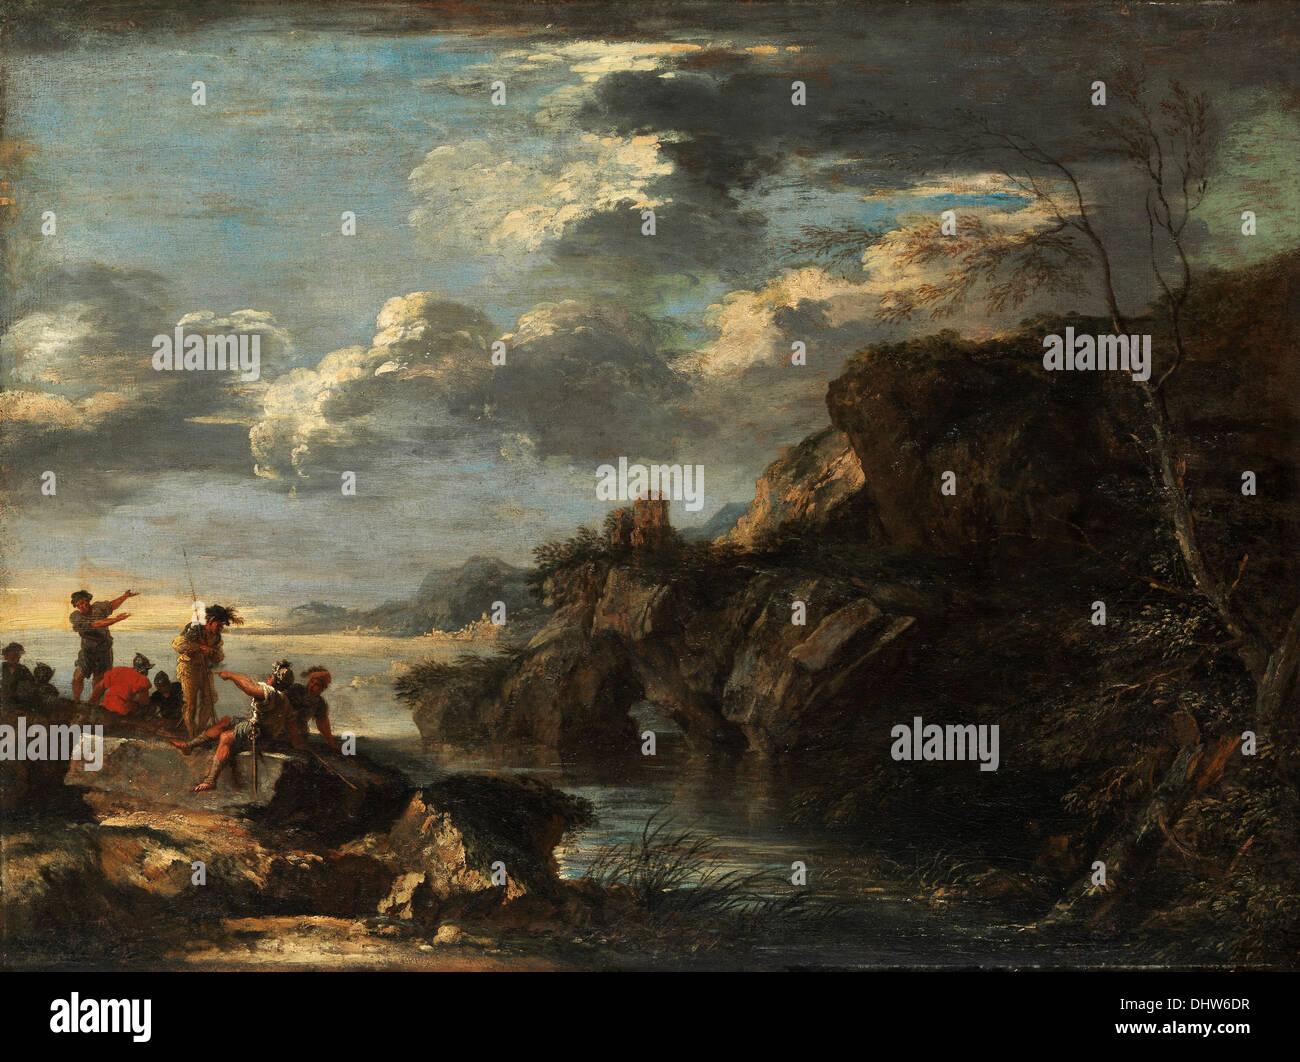 Les bandits sur une côte rocheuse - par Salvator Rosa, 1660 Photo Stock